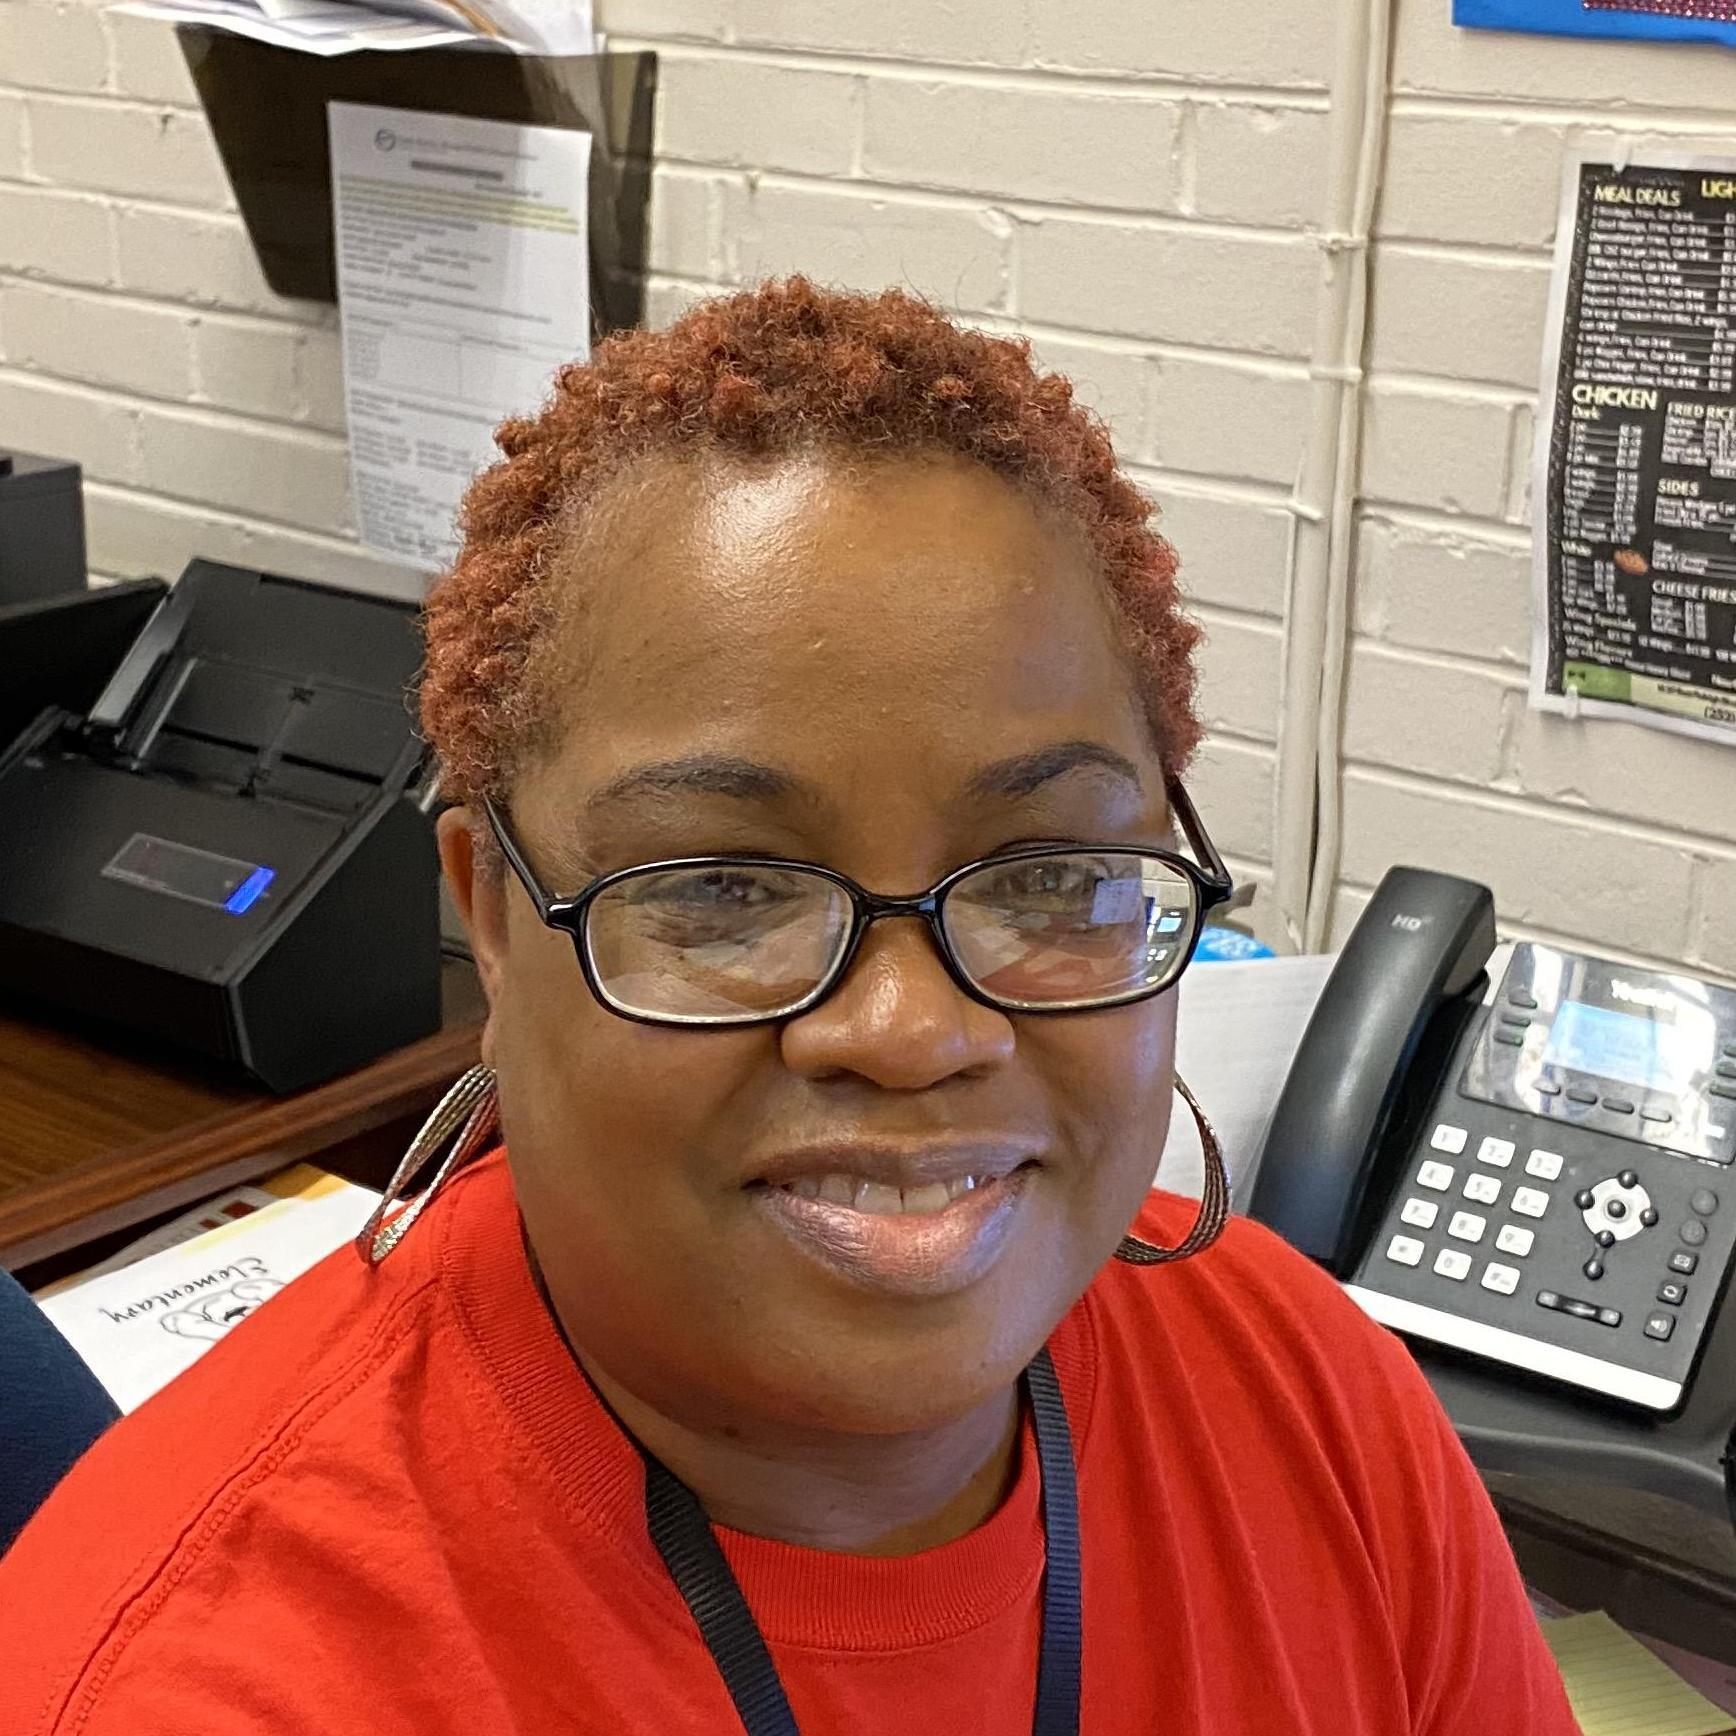 Dikeisha Woods's Profile Photo